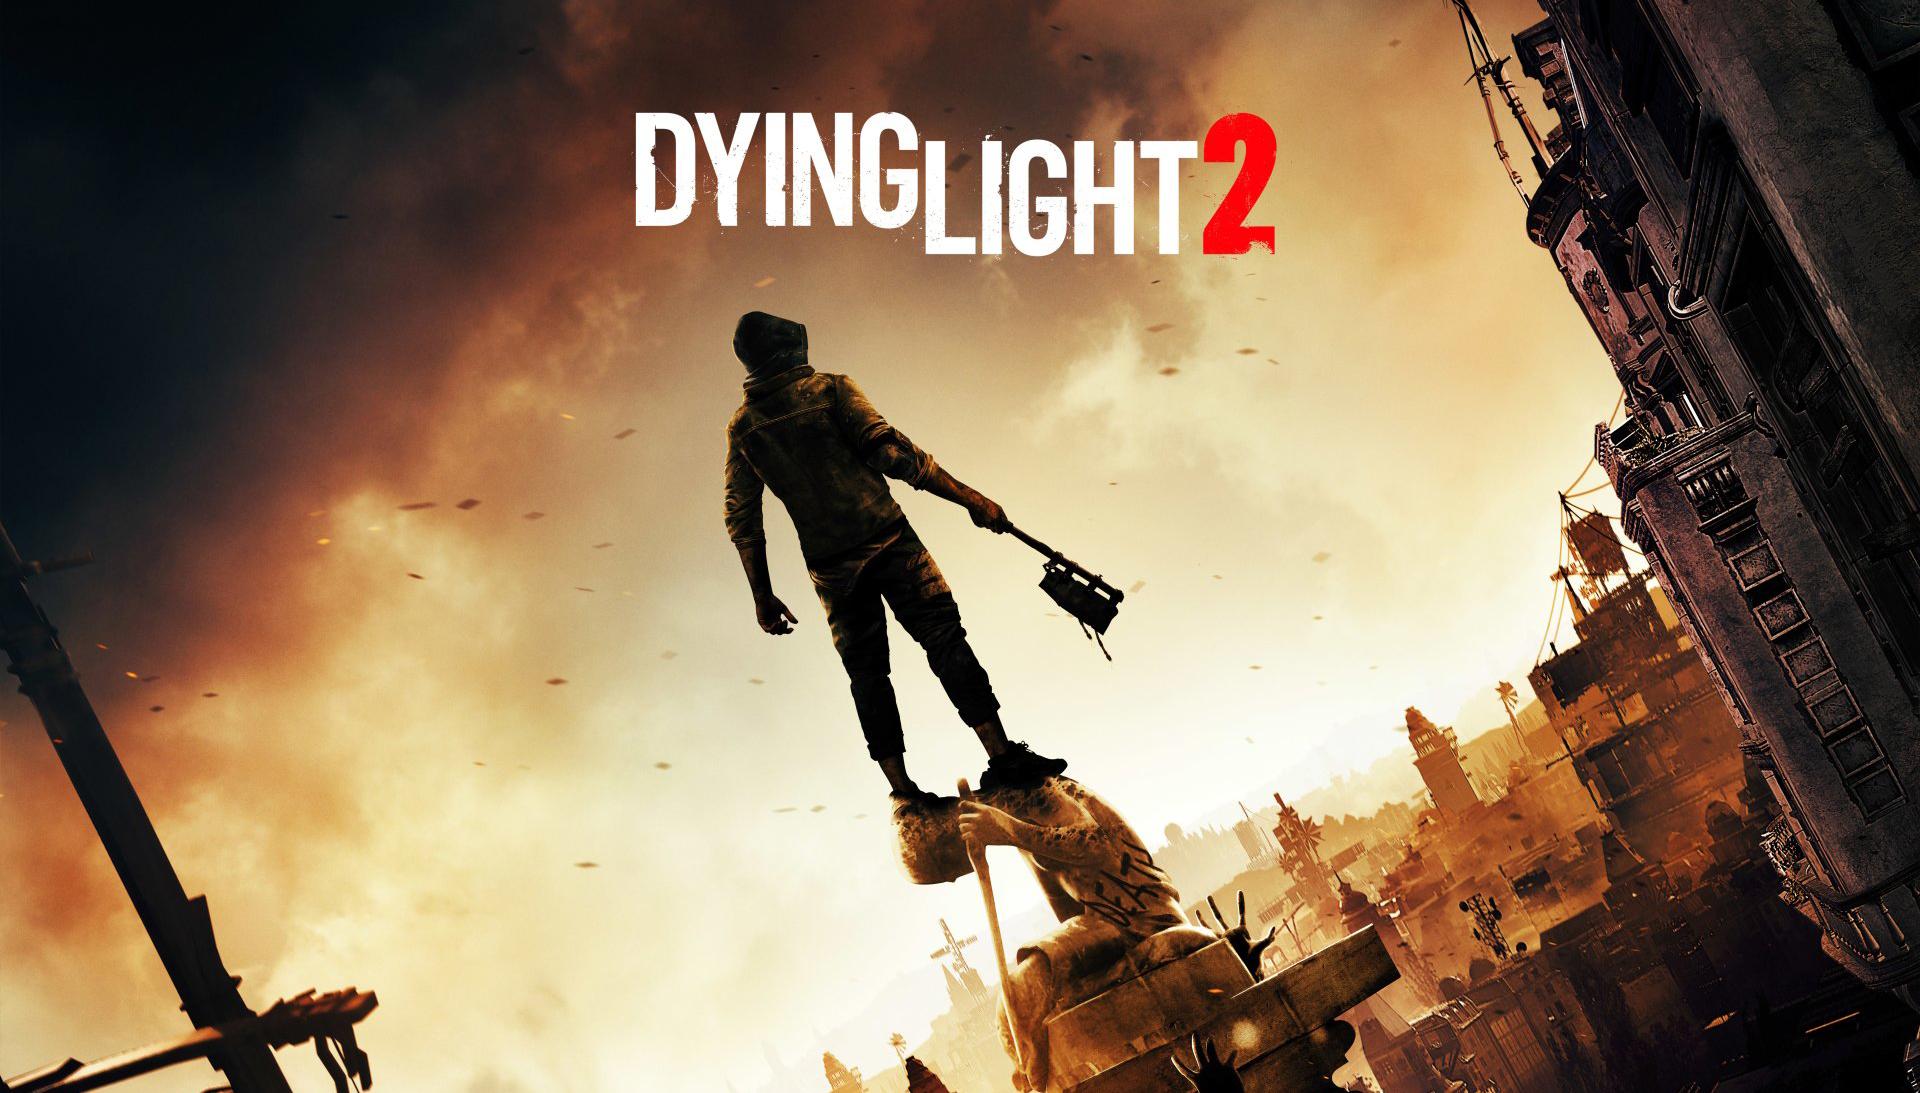 Dying Light 2 (CrashStudio)